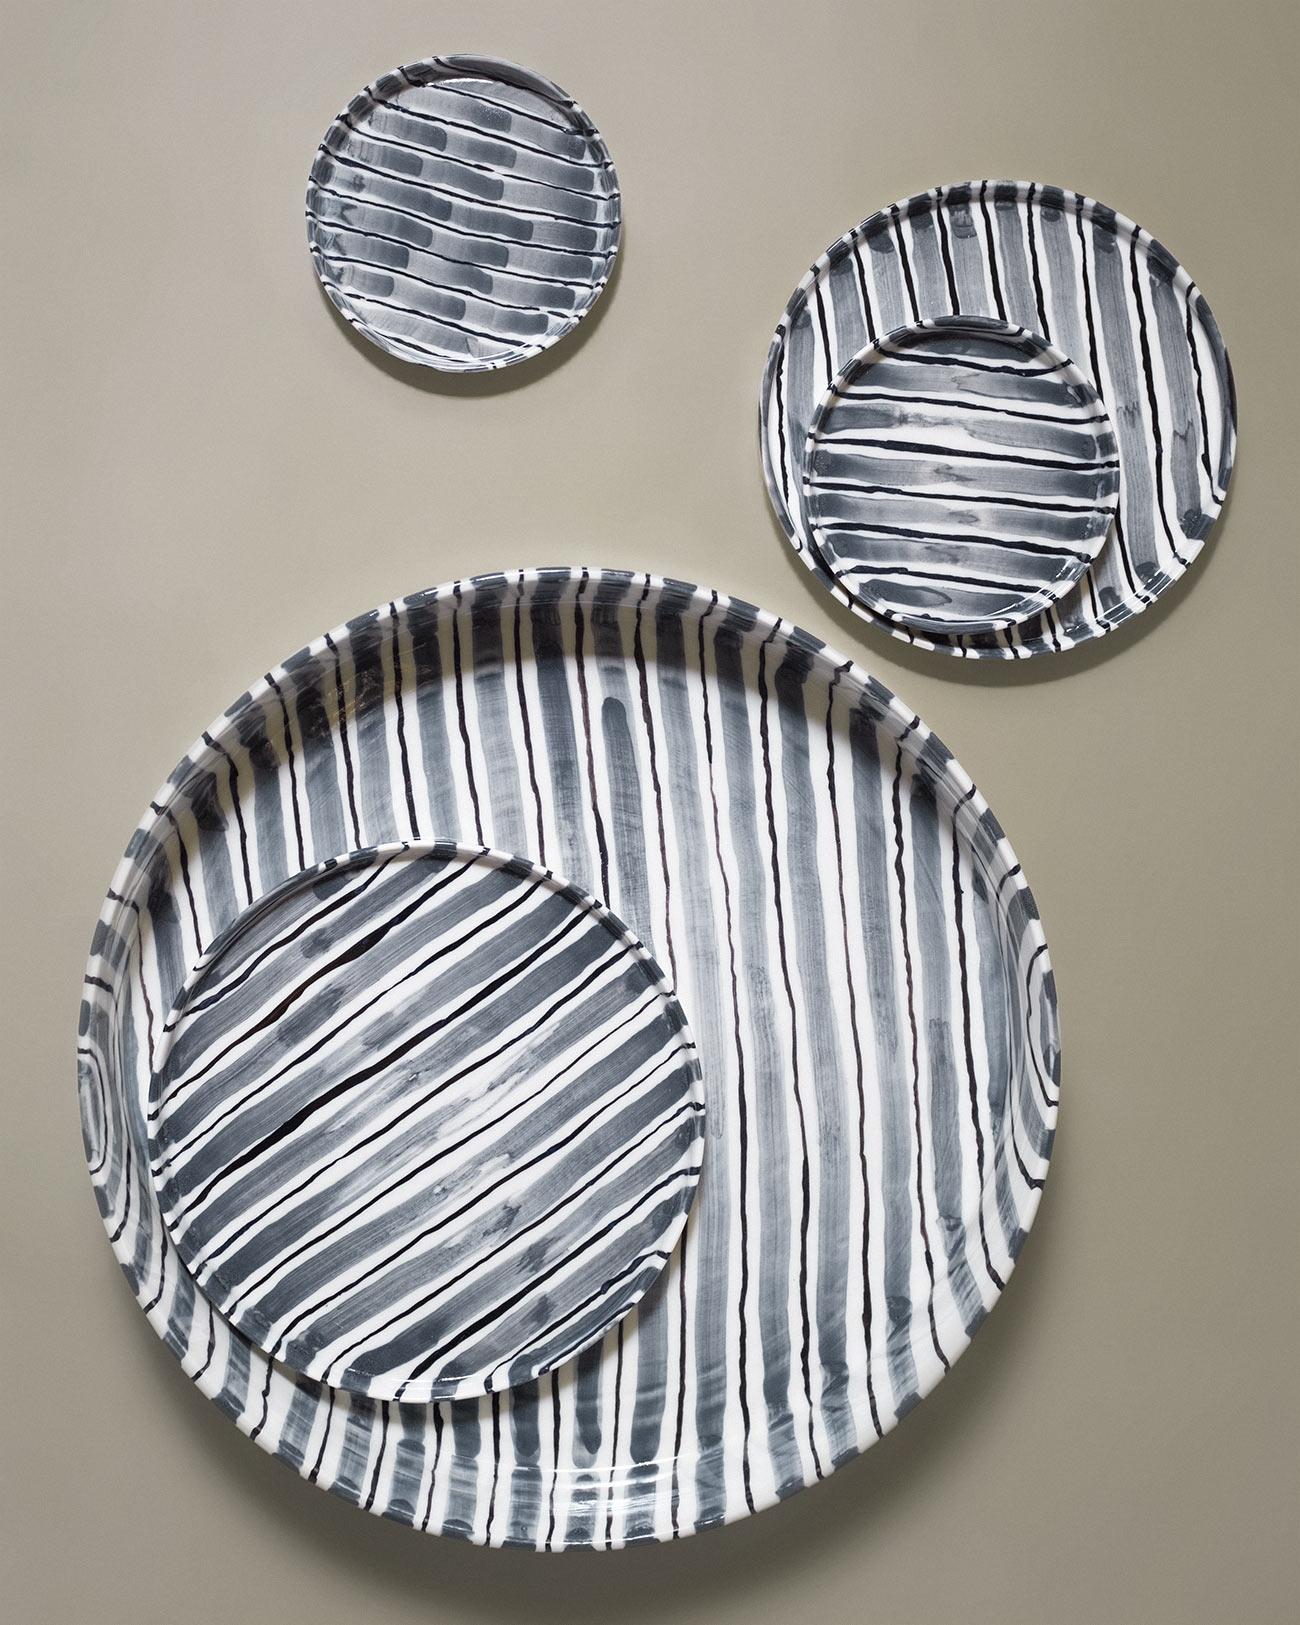 foldrakter-plates-1.jpg